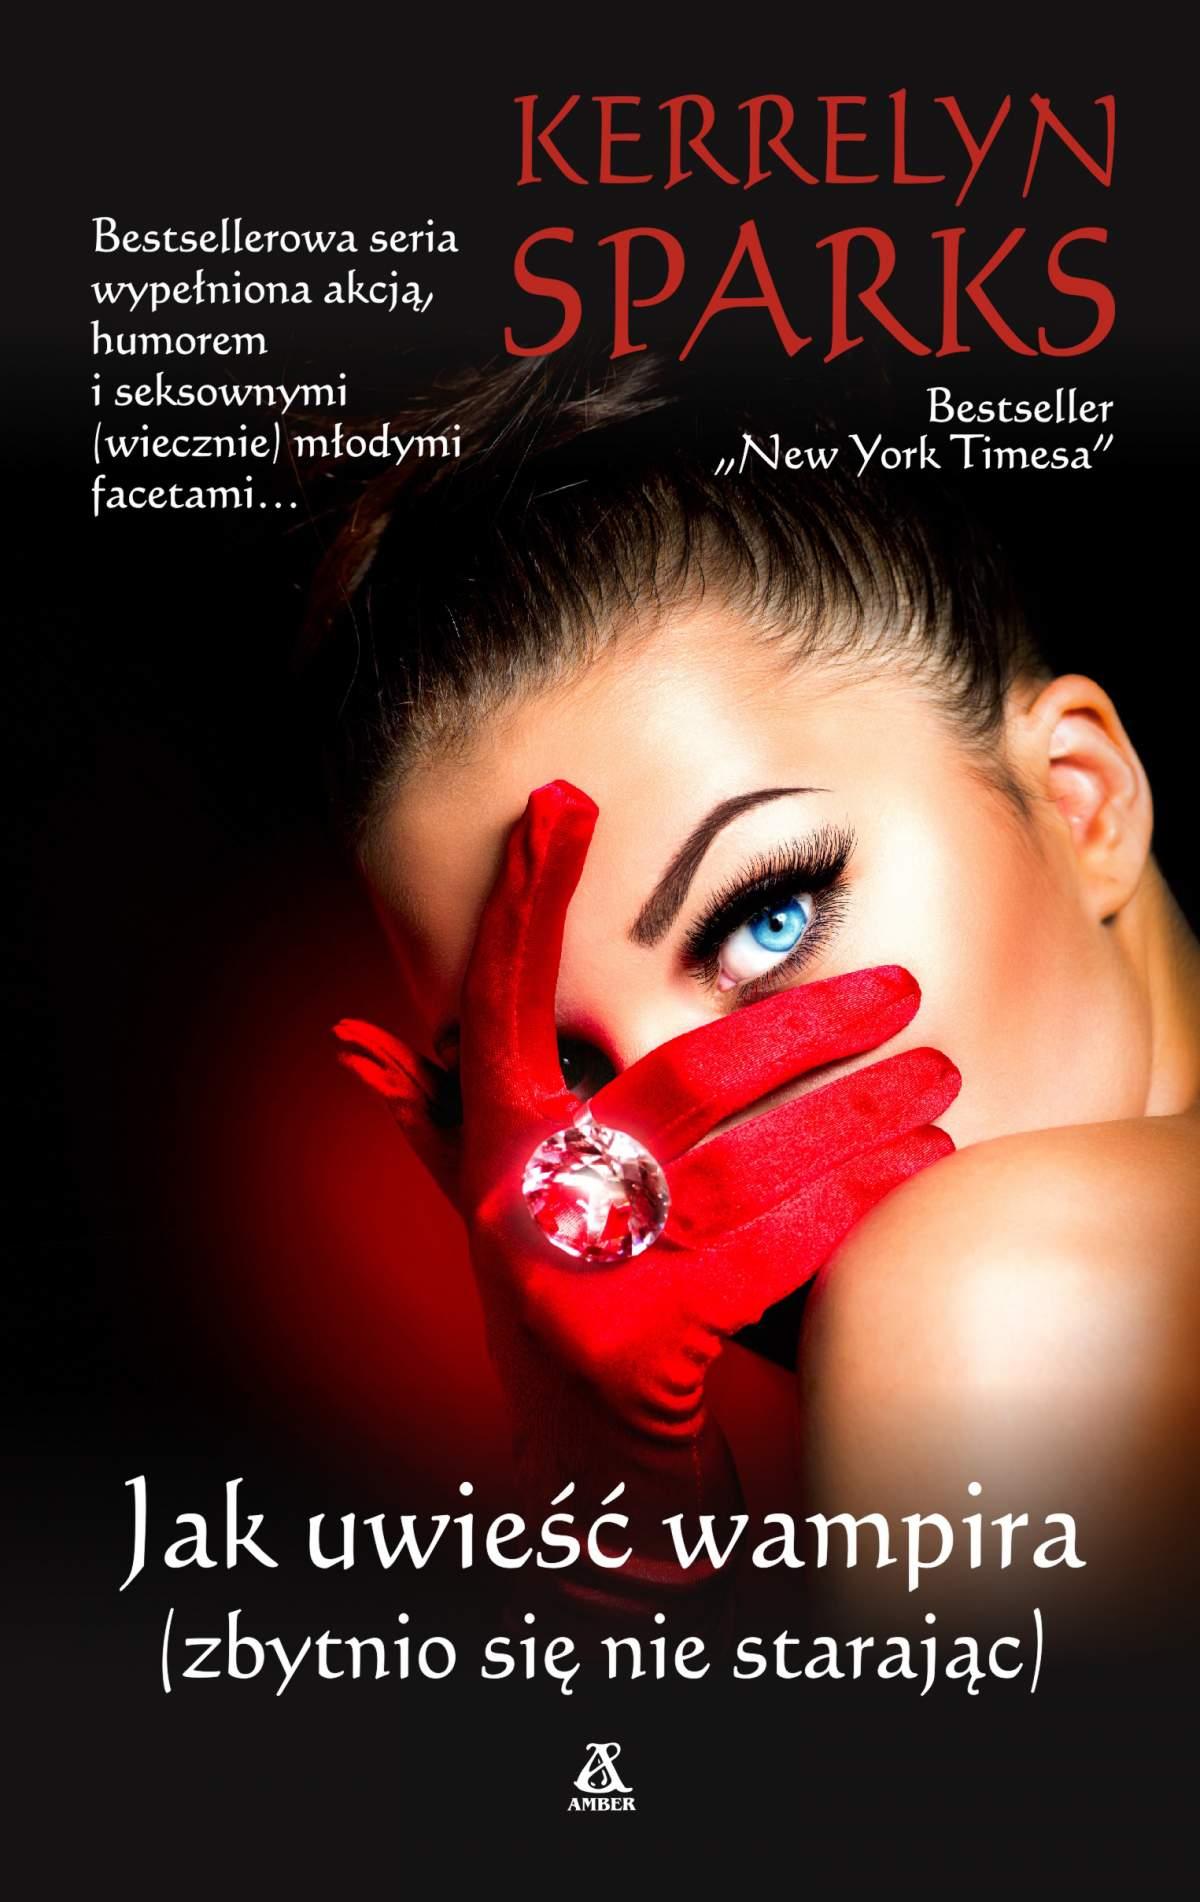 Jak uwieść wampira - Ebook (Książka na Kindle) do pobrania w formacie MOBI